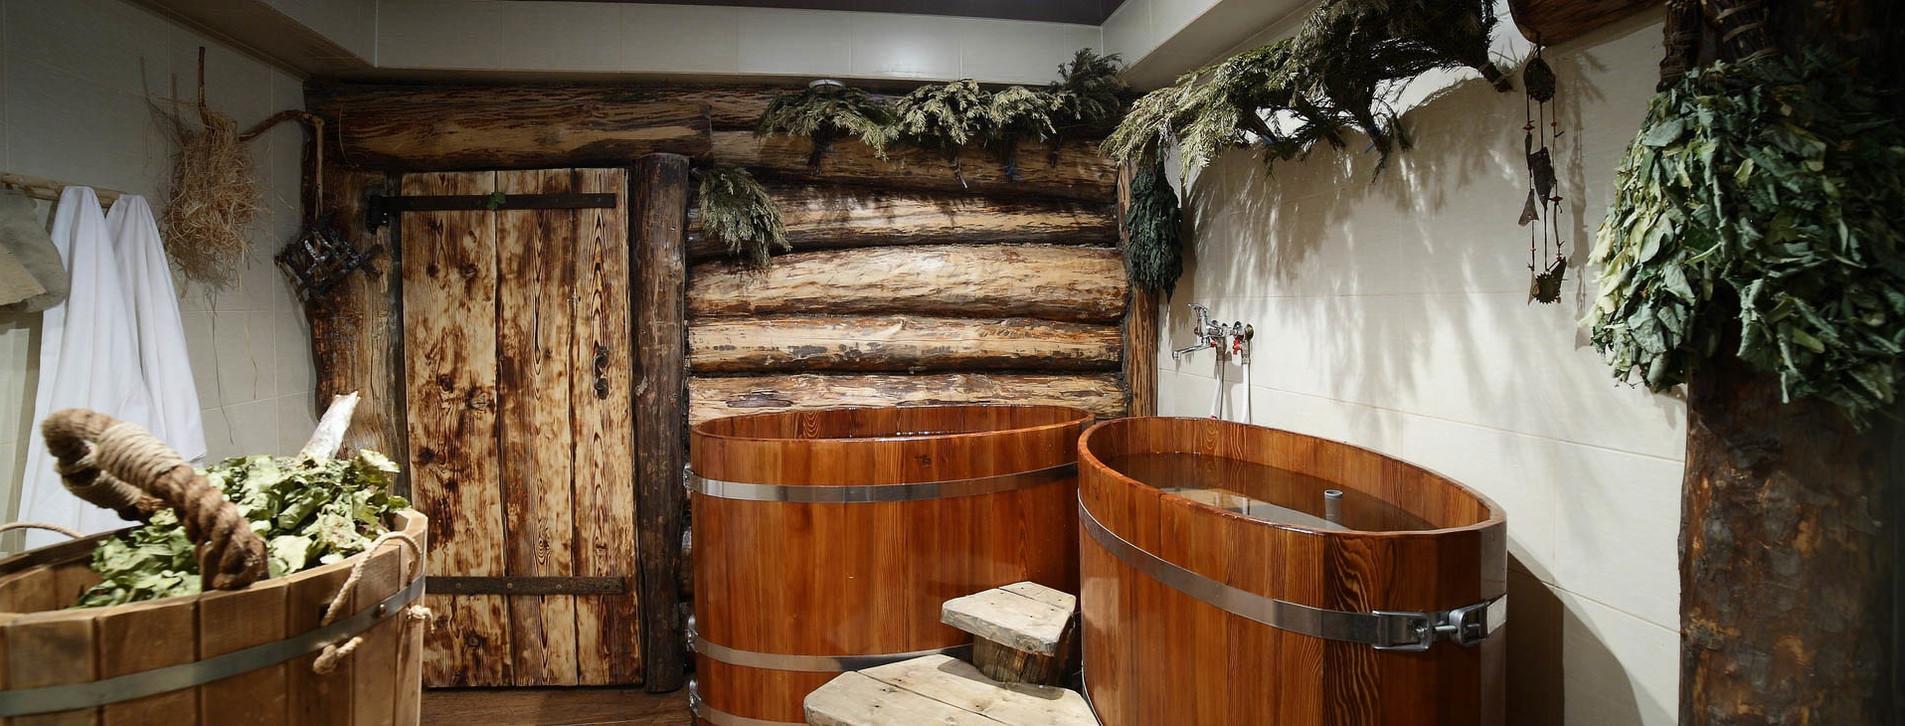 Фото - Русская баня для компании